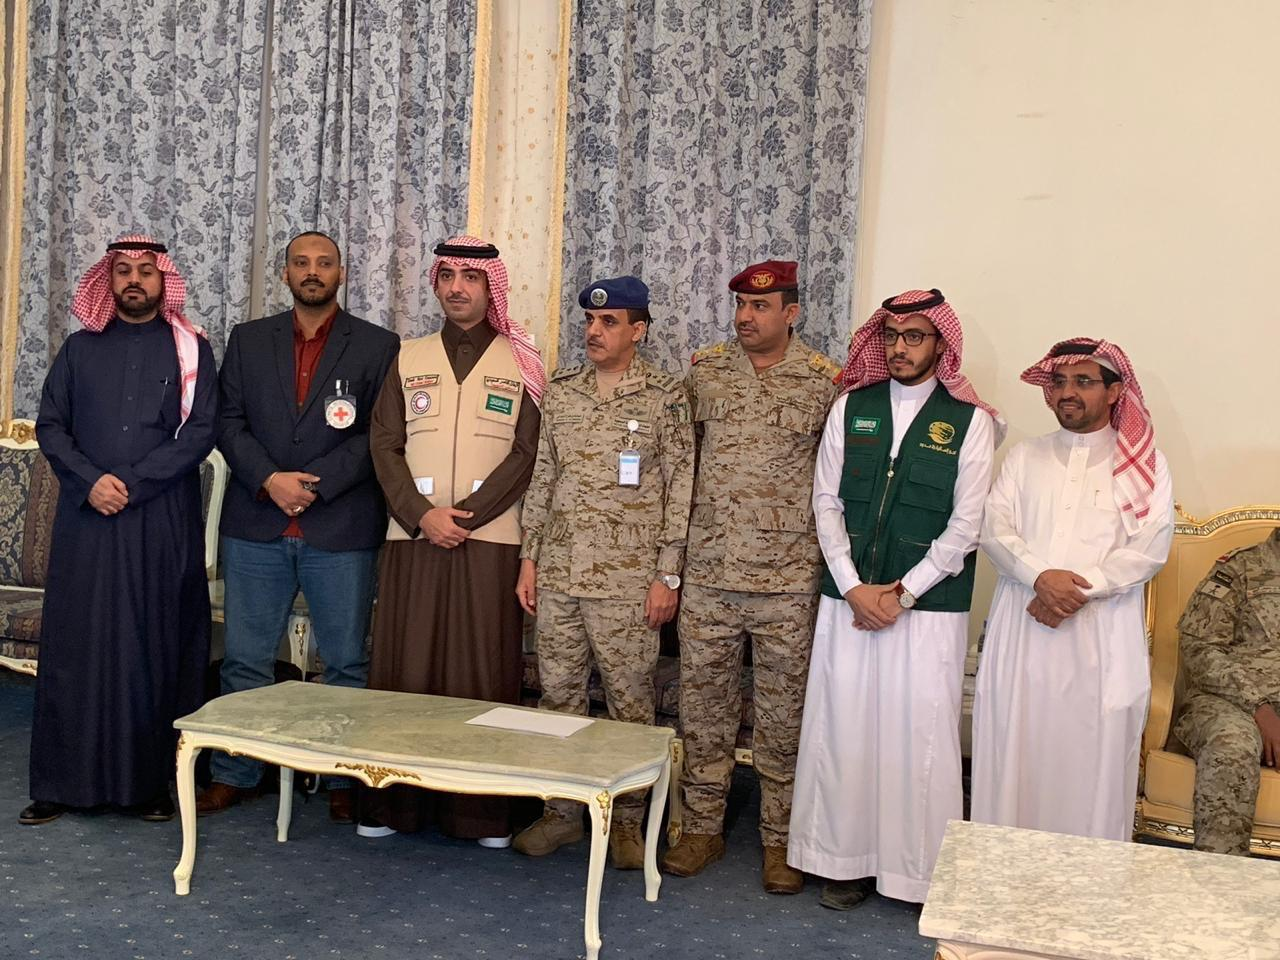 الهلال الأحمر السعودي يشارك في تحرير 9 أطفال جندتهم ميليشيا الحوثي في اليمن